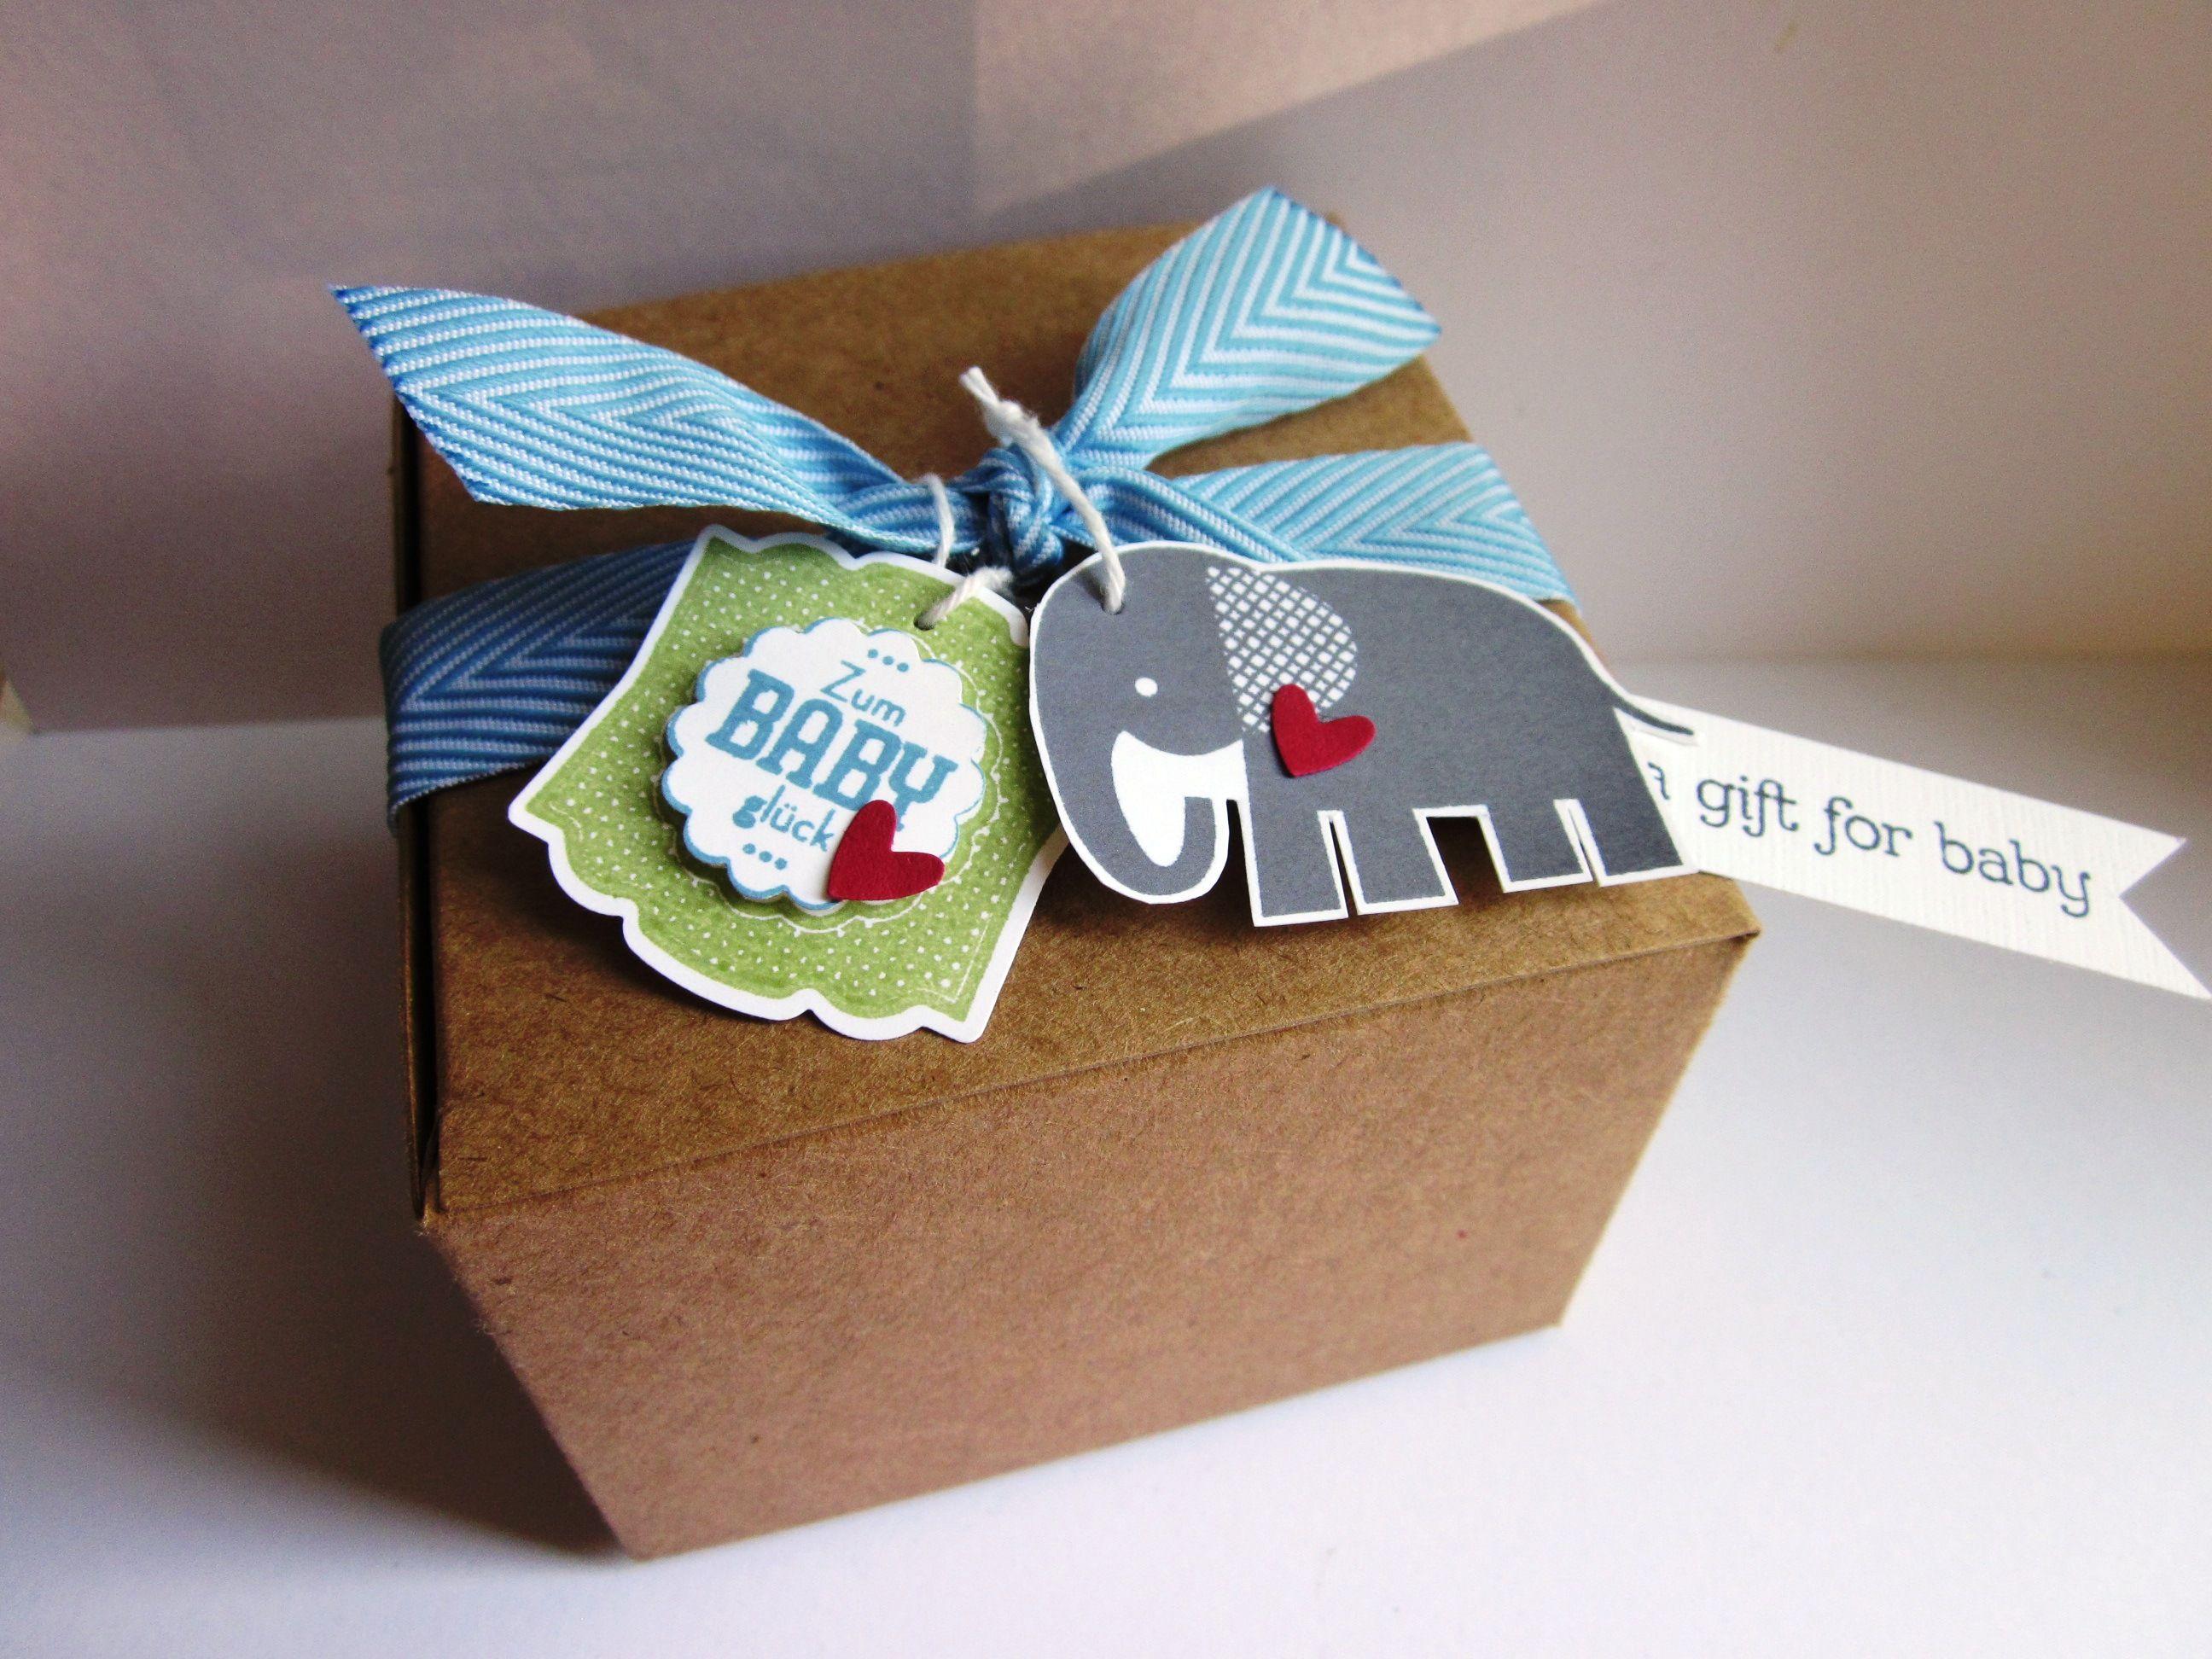 Stampin Up Verpackung für Babygeschenk Nett iketten Zoo Babies Zur GeburtSchachtelnGeschenke